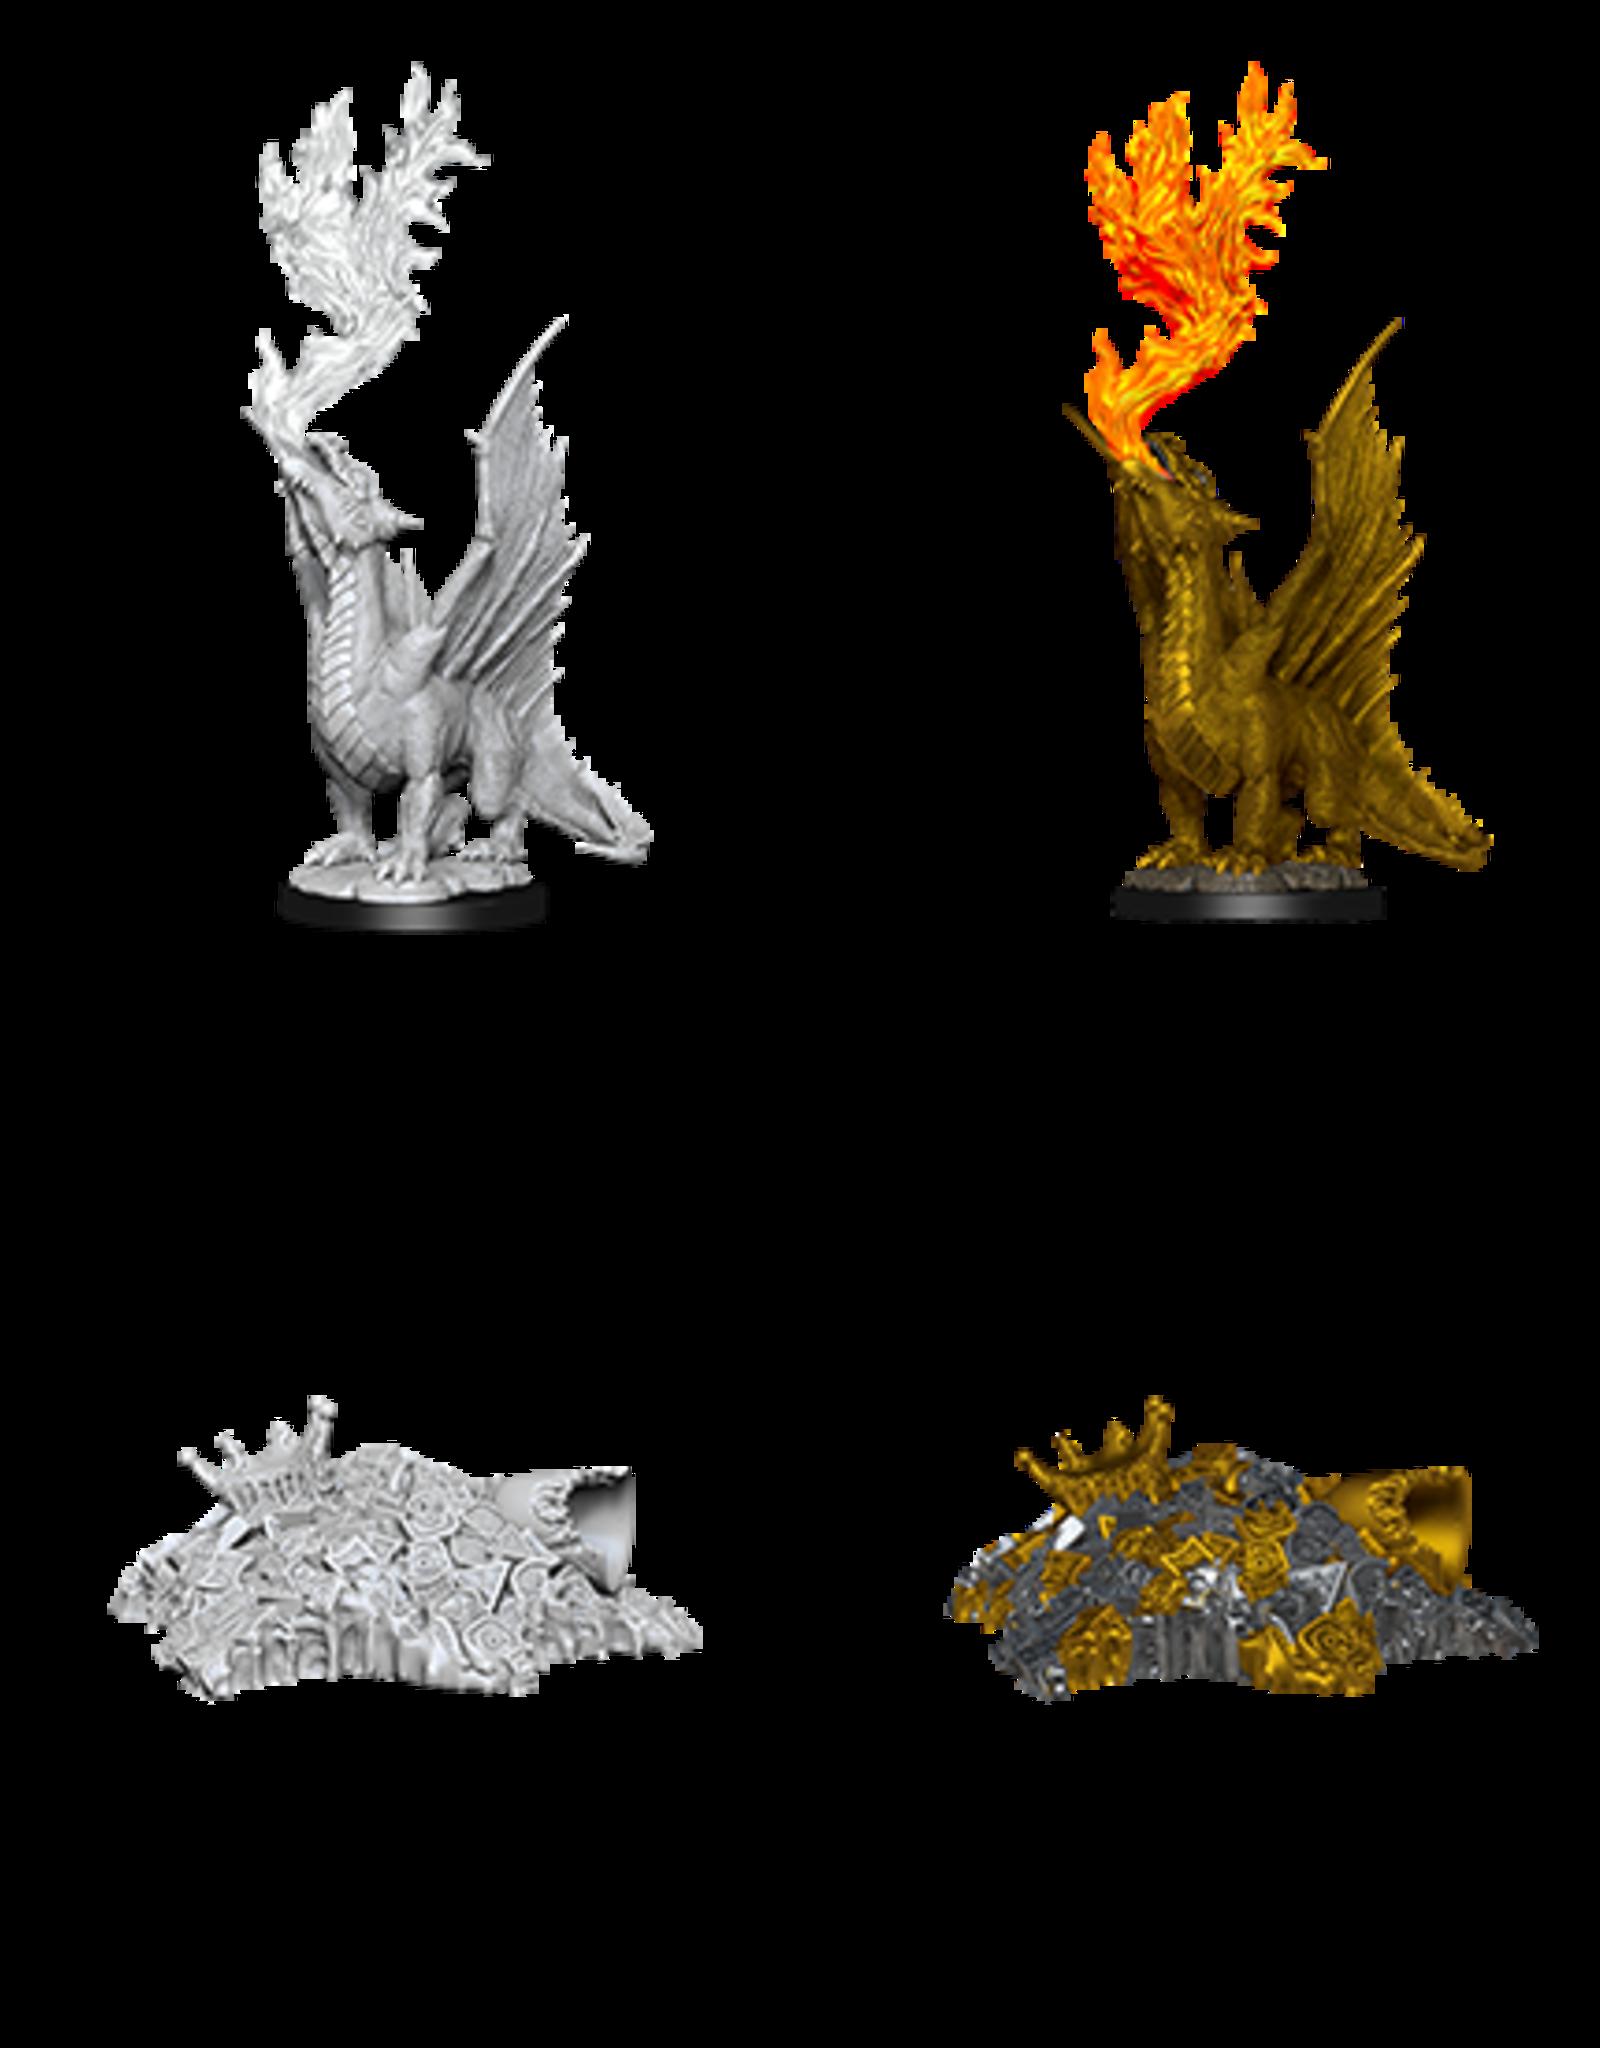 Nolzur's Marvelous Miniatures D&D D&D NMU - Gold Dragon Wyrmling